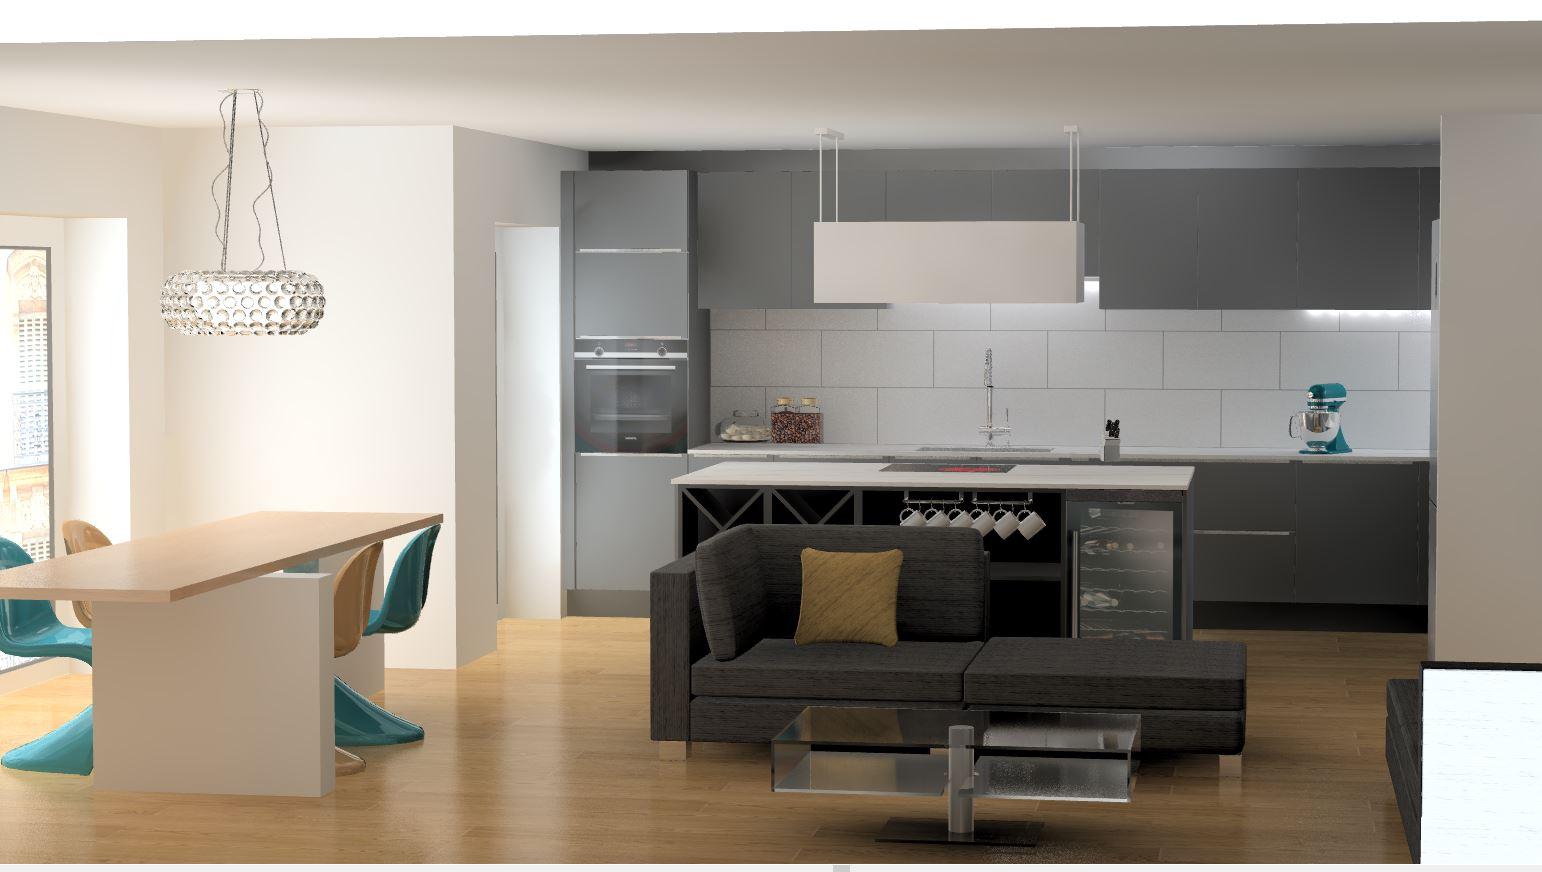 cuisine laque mate grise haut de gamme, ilot technique avec plaque et cave à vin par cuisine design Toulouse visuel 3D